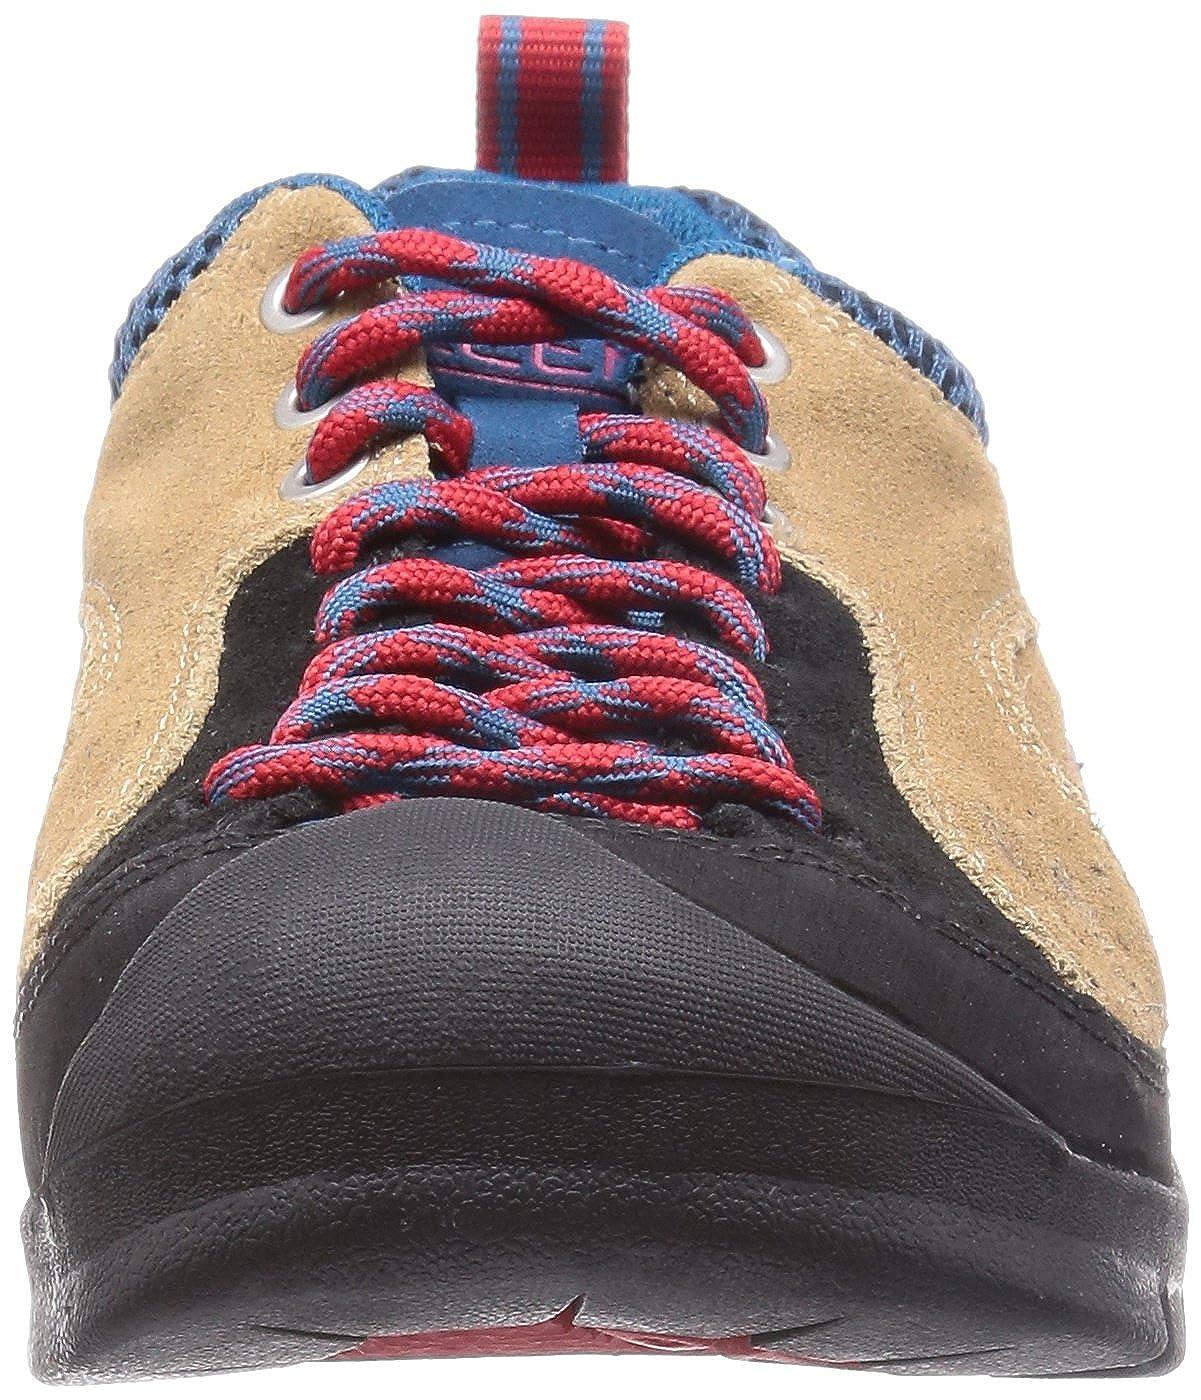 Keen Womens Jasper Rocks-W Hiking Shoe